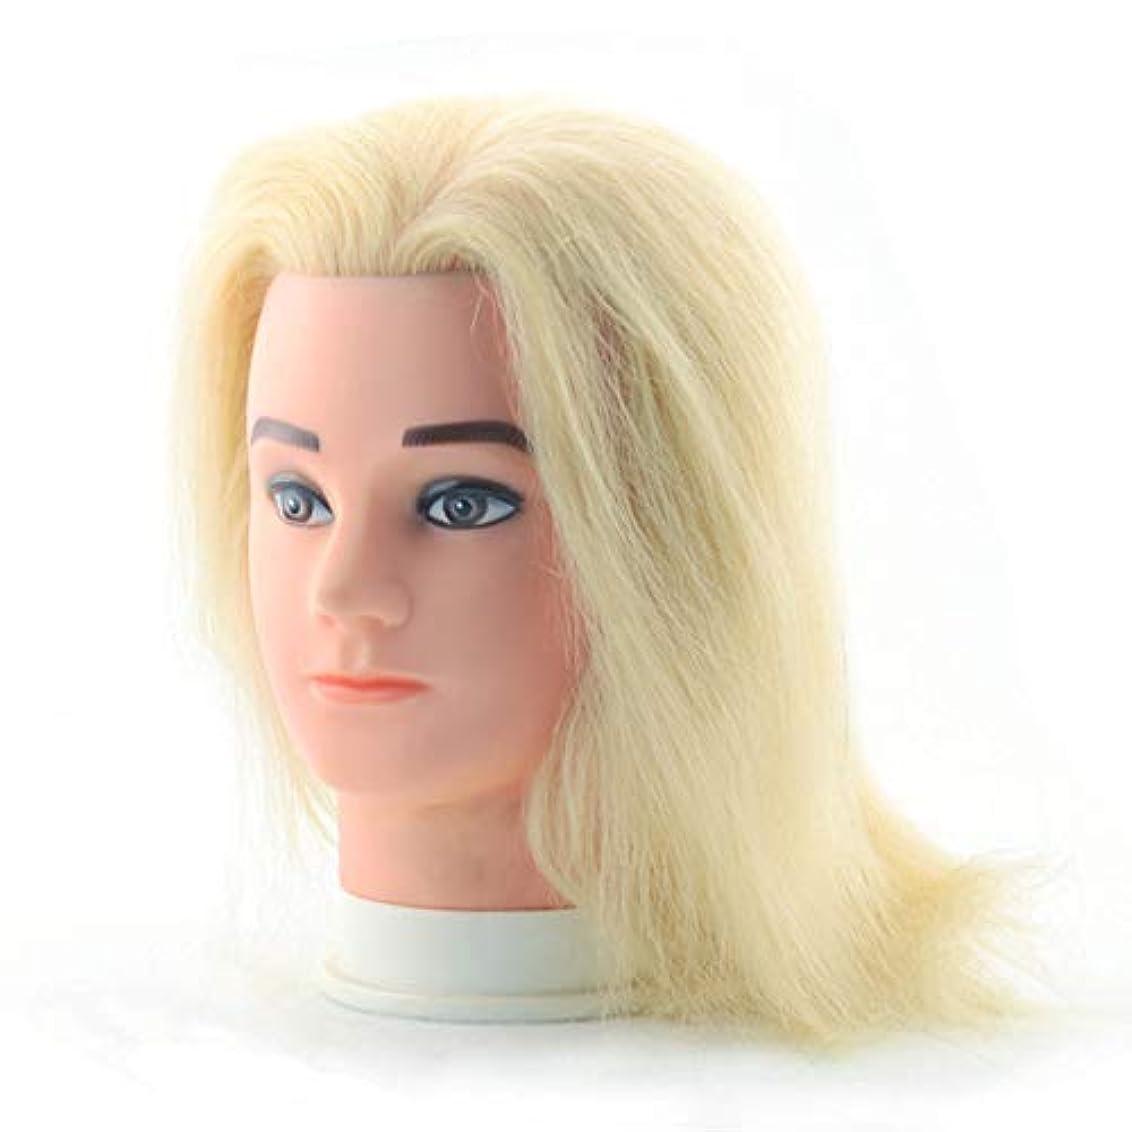 褐色スーダンクリケット理髪店の男性の化粧本物の人の毛のダミーの頭の編集ヘアプラクティスモデルの頭を染色することができます頭金